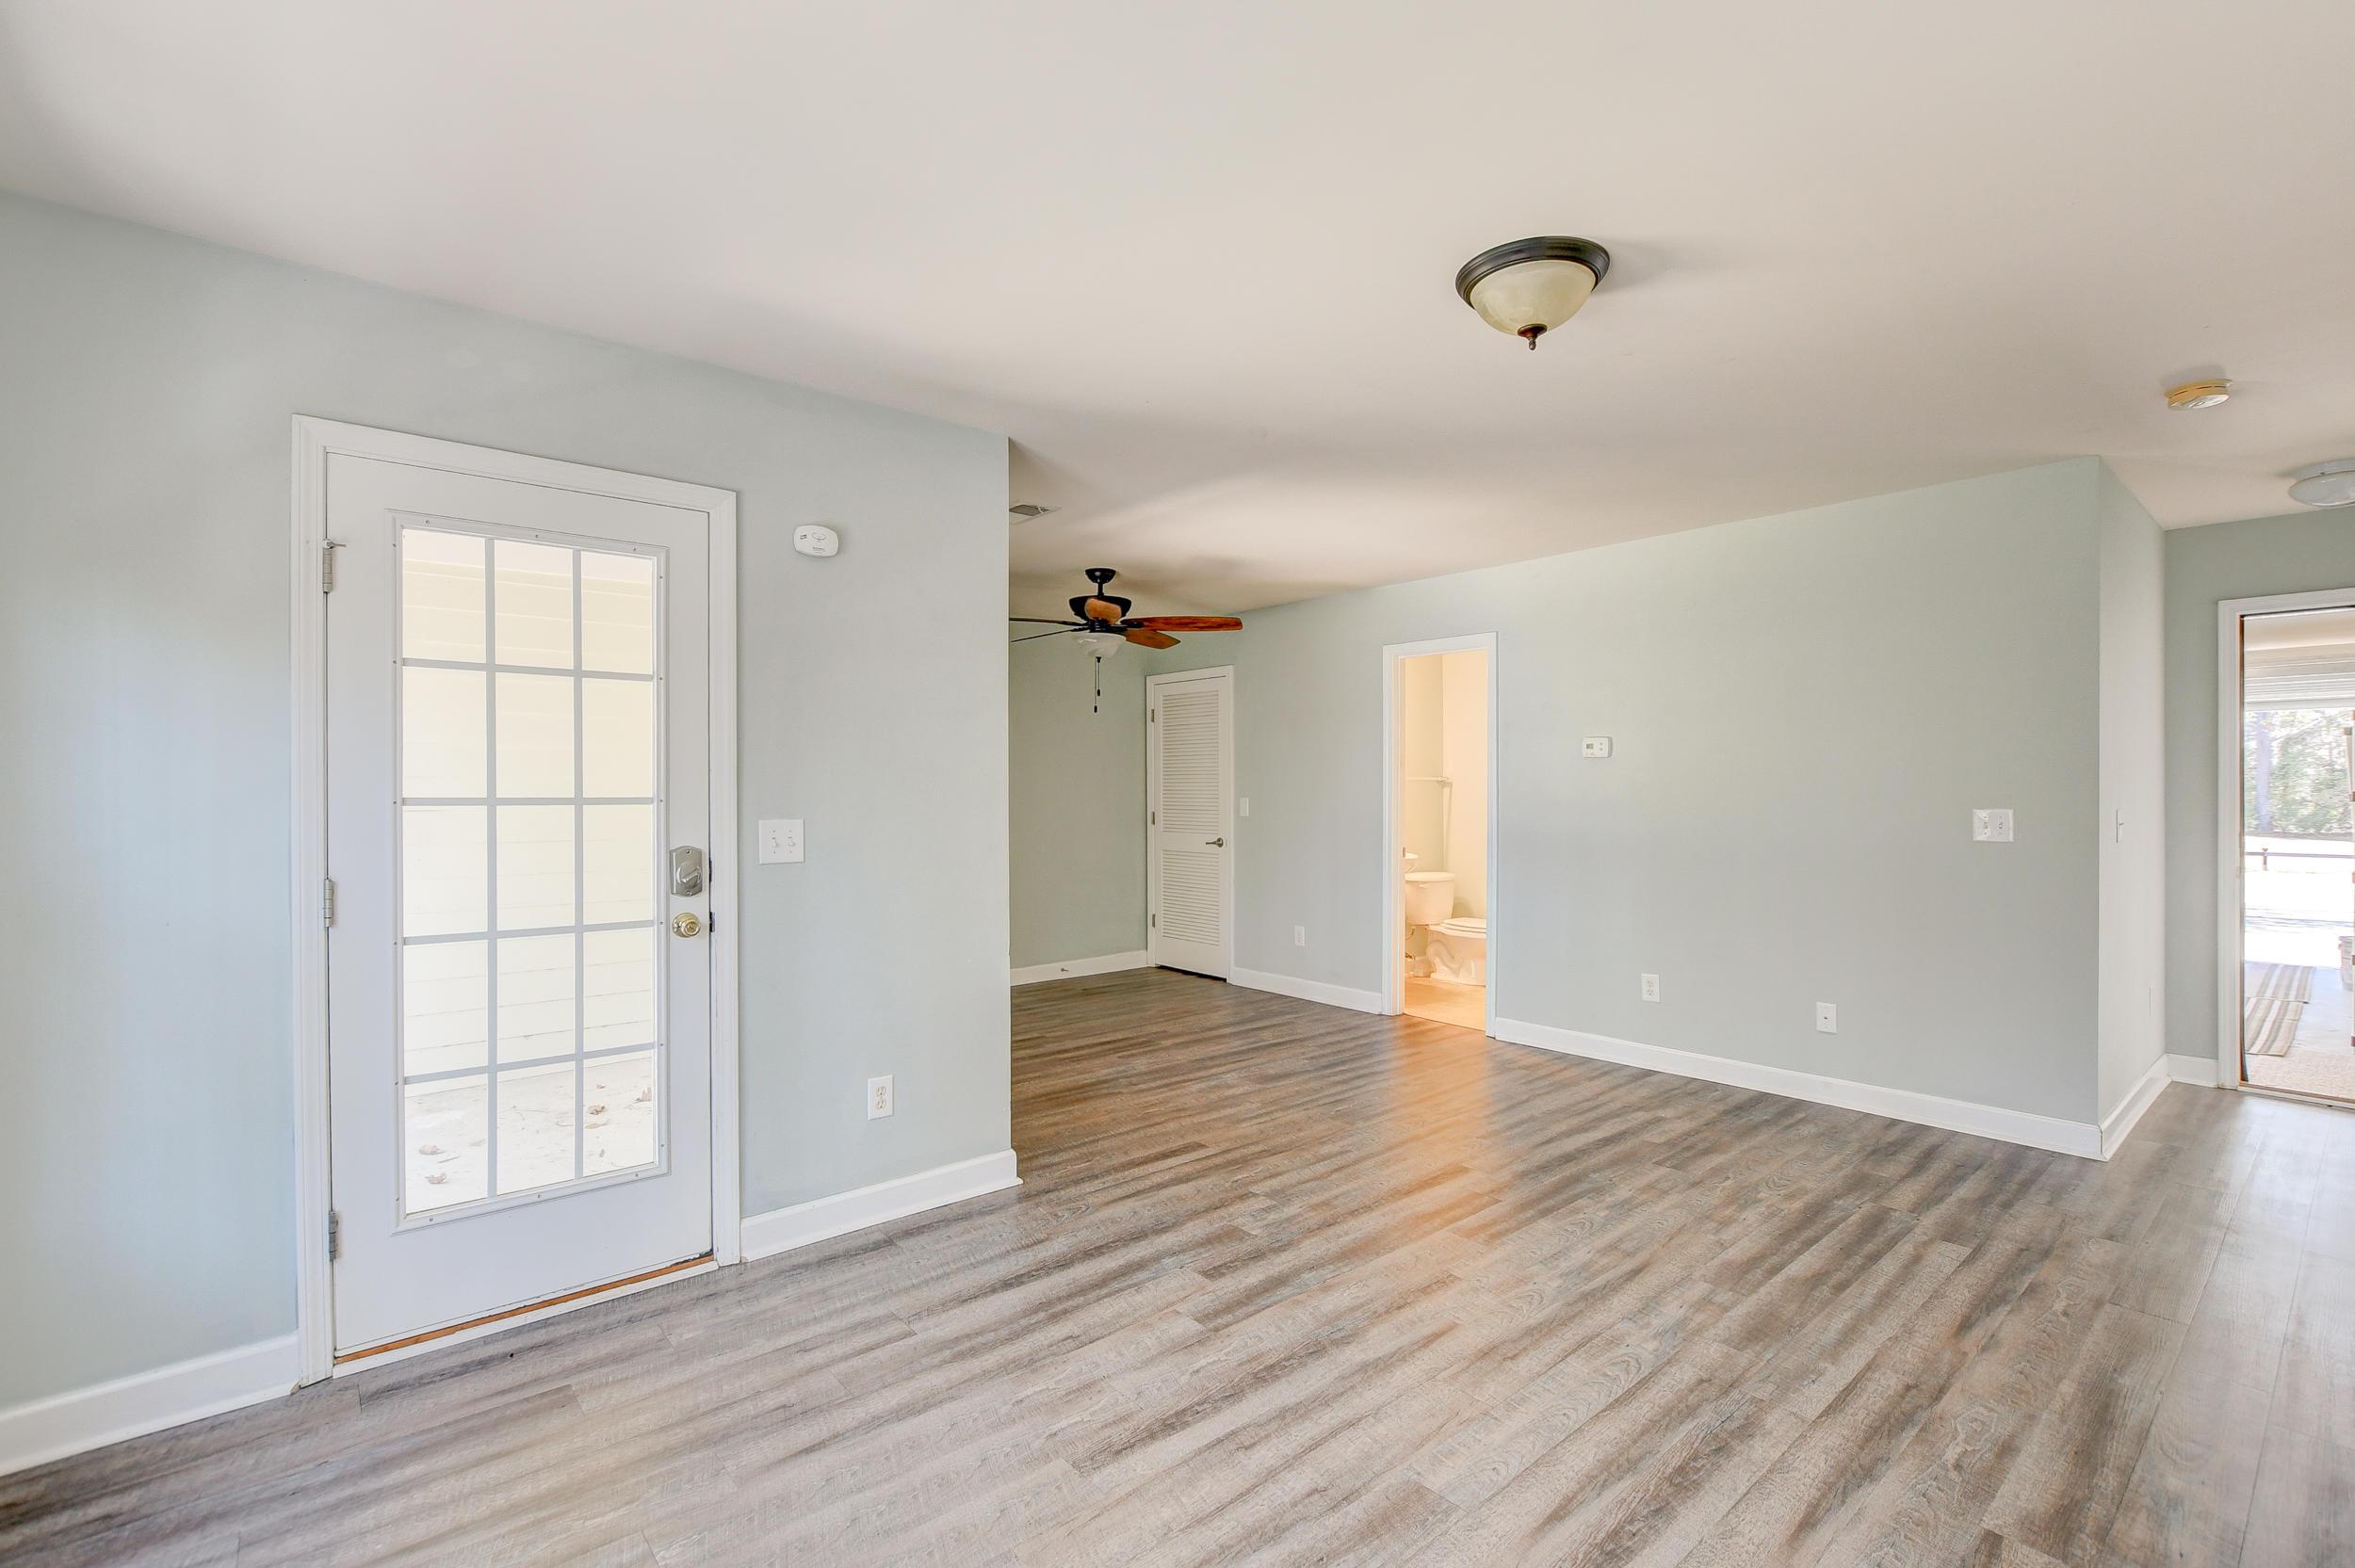 Park West Homes For Sale - 3545 Claremont, Mount Pleasant, SC - 16